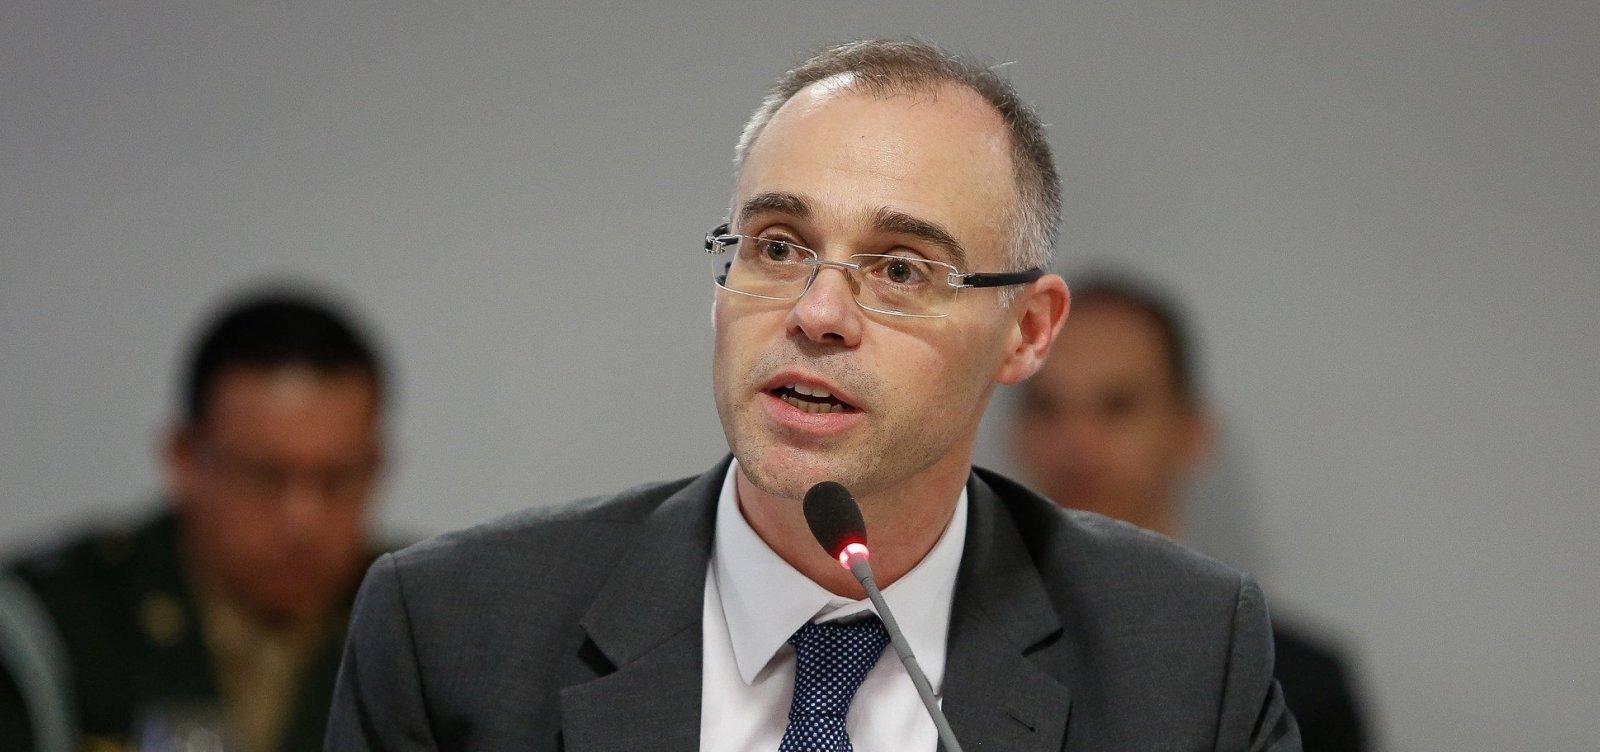 [Ministro da Justiça diz que governo não interfere na PF, mas cobra resultados]